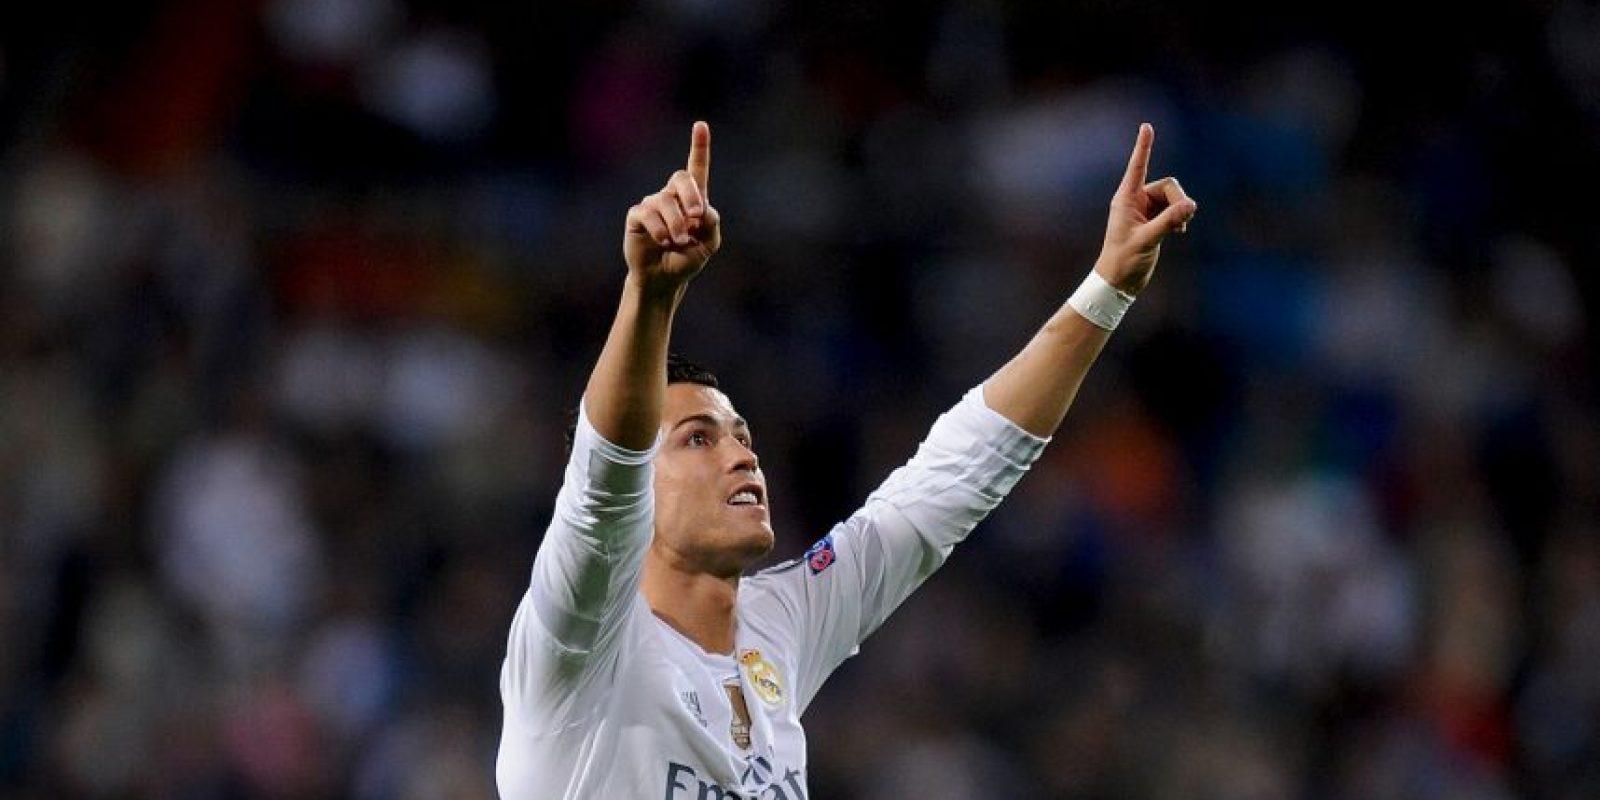 El portugués lleva 323 goles con el club merengue y su promedio es de más de un tanto por partido (1.05). Foto:Getty Images